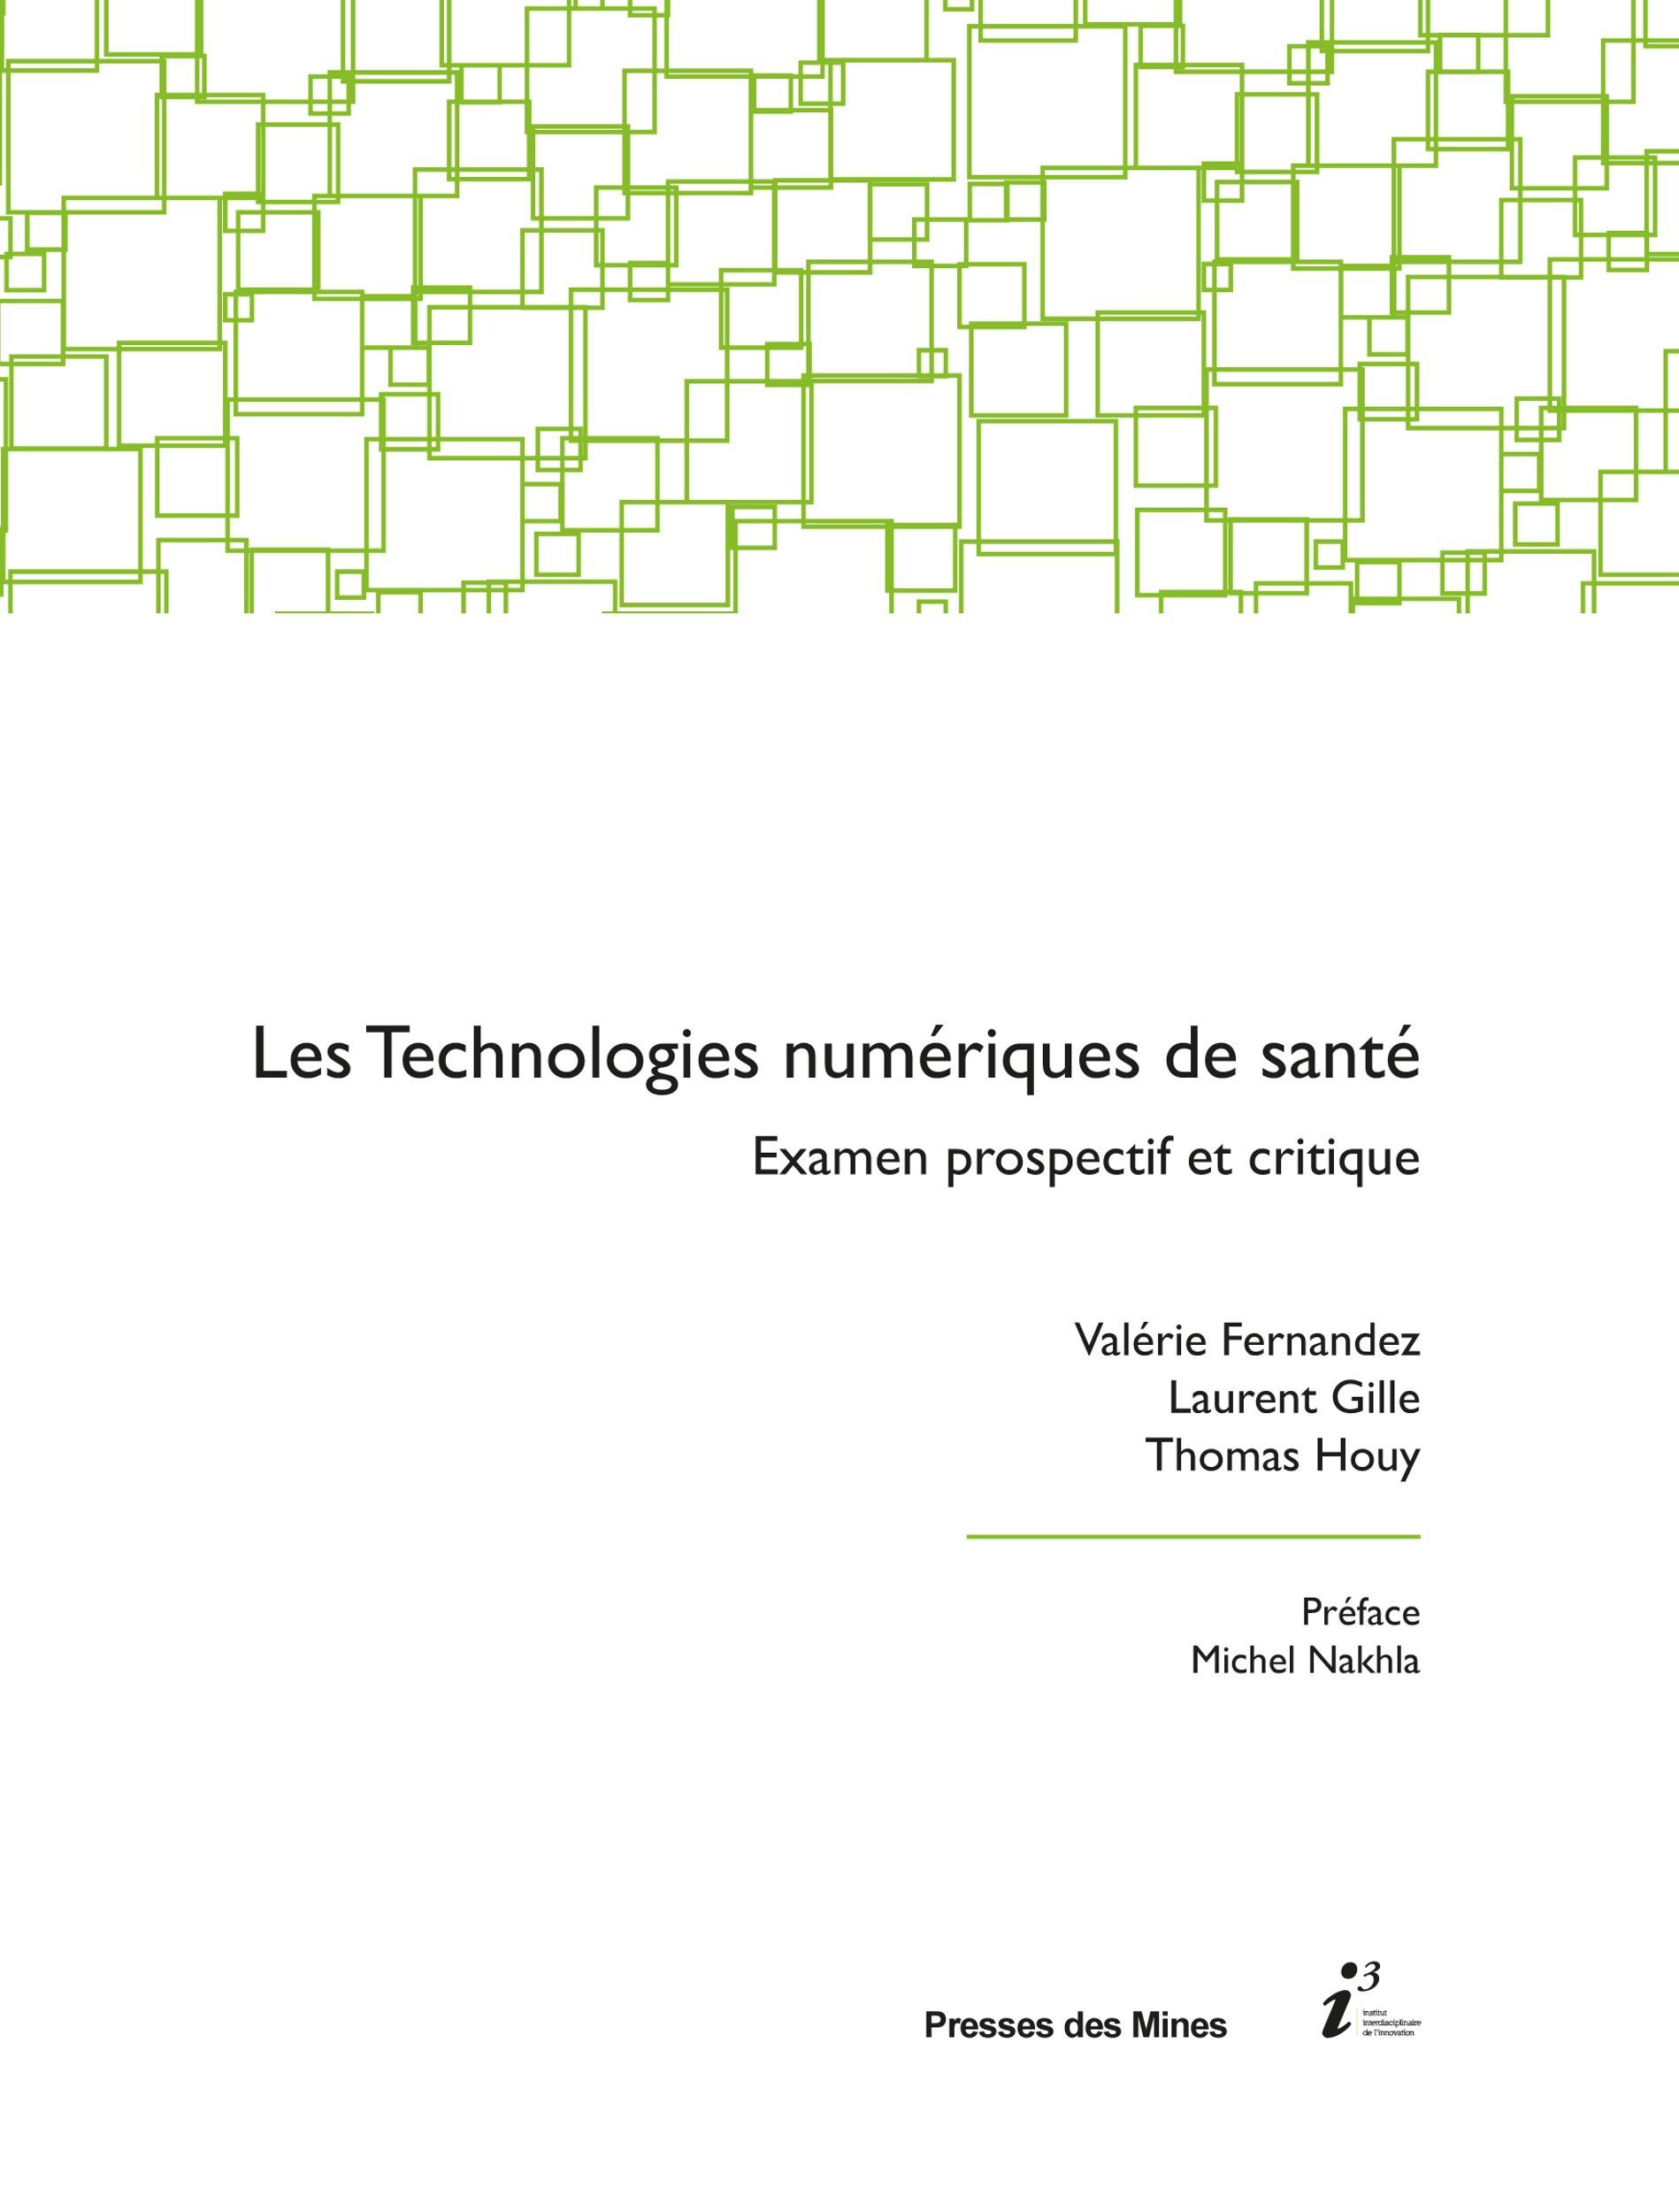 Les technologies numériques de santé ; examen prospectif et critique